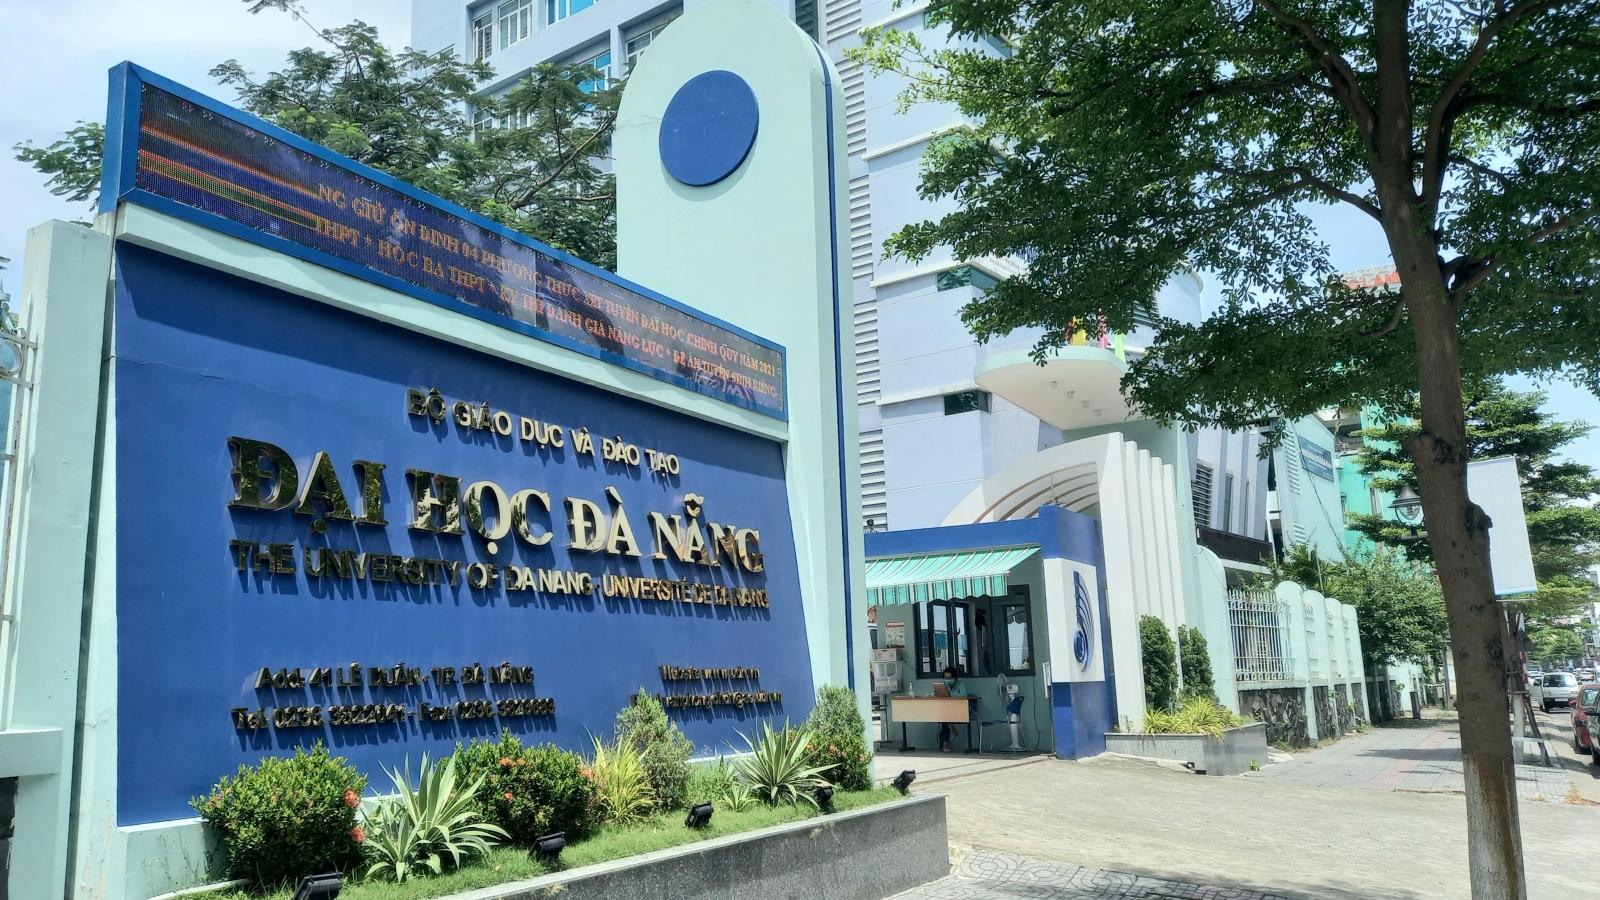 Xét tuyển đại học bằng học bạ tại Đà Nẵng tăng cao